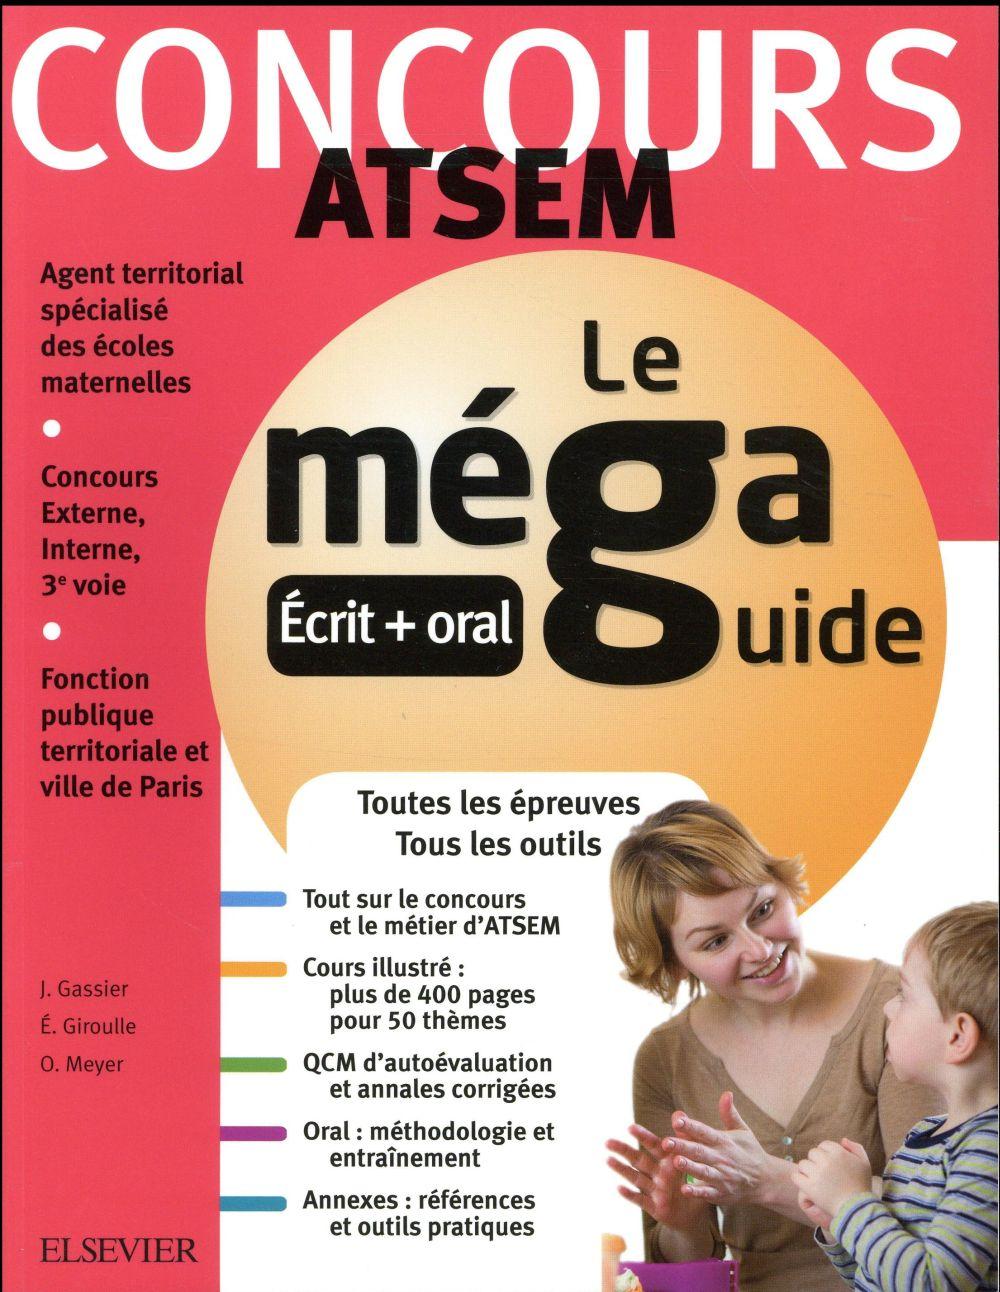 MEGA GUIDE  -  CONCOURS ATSEM